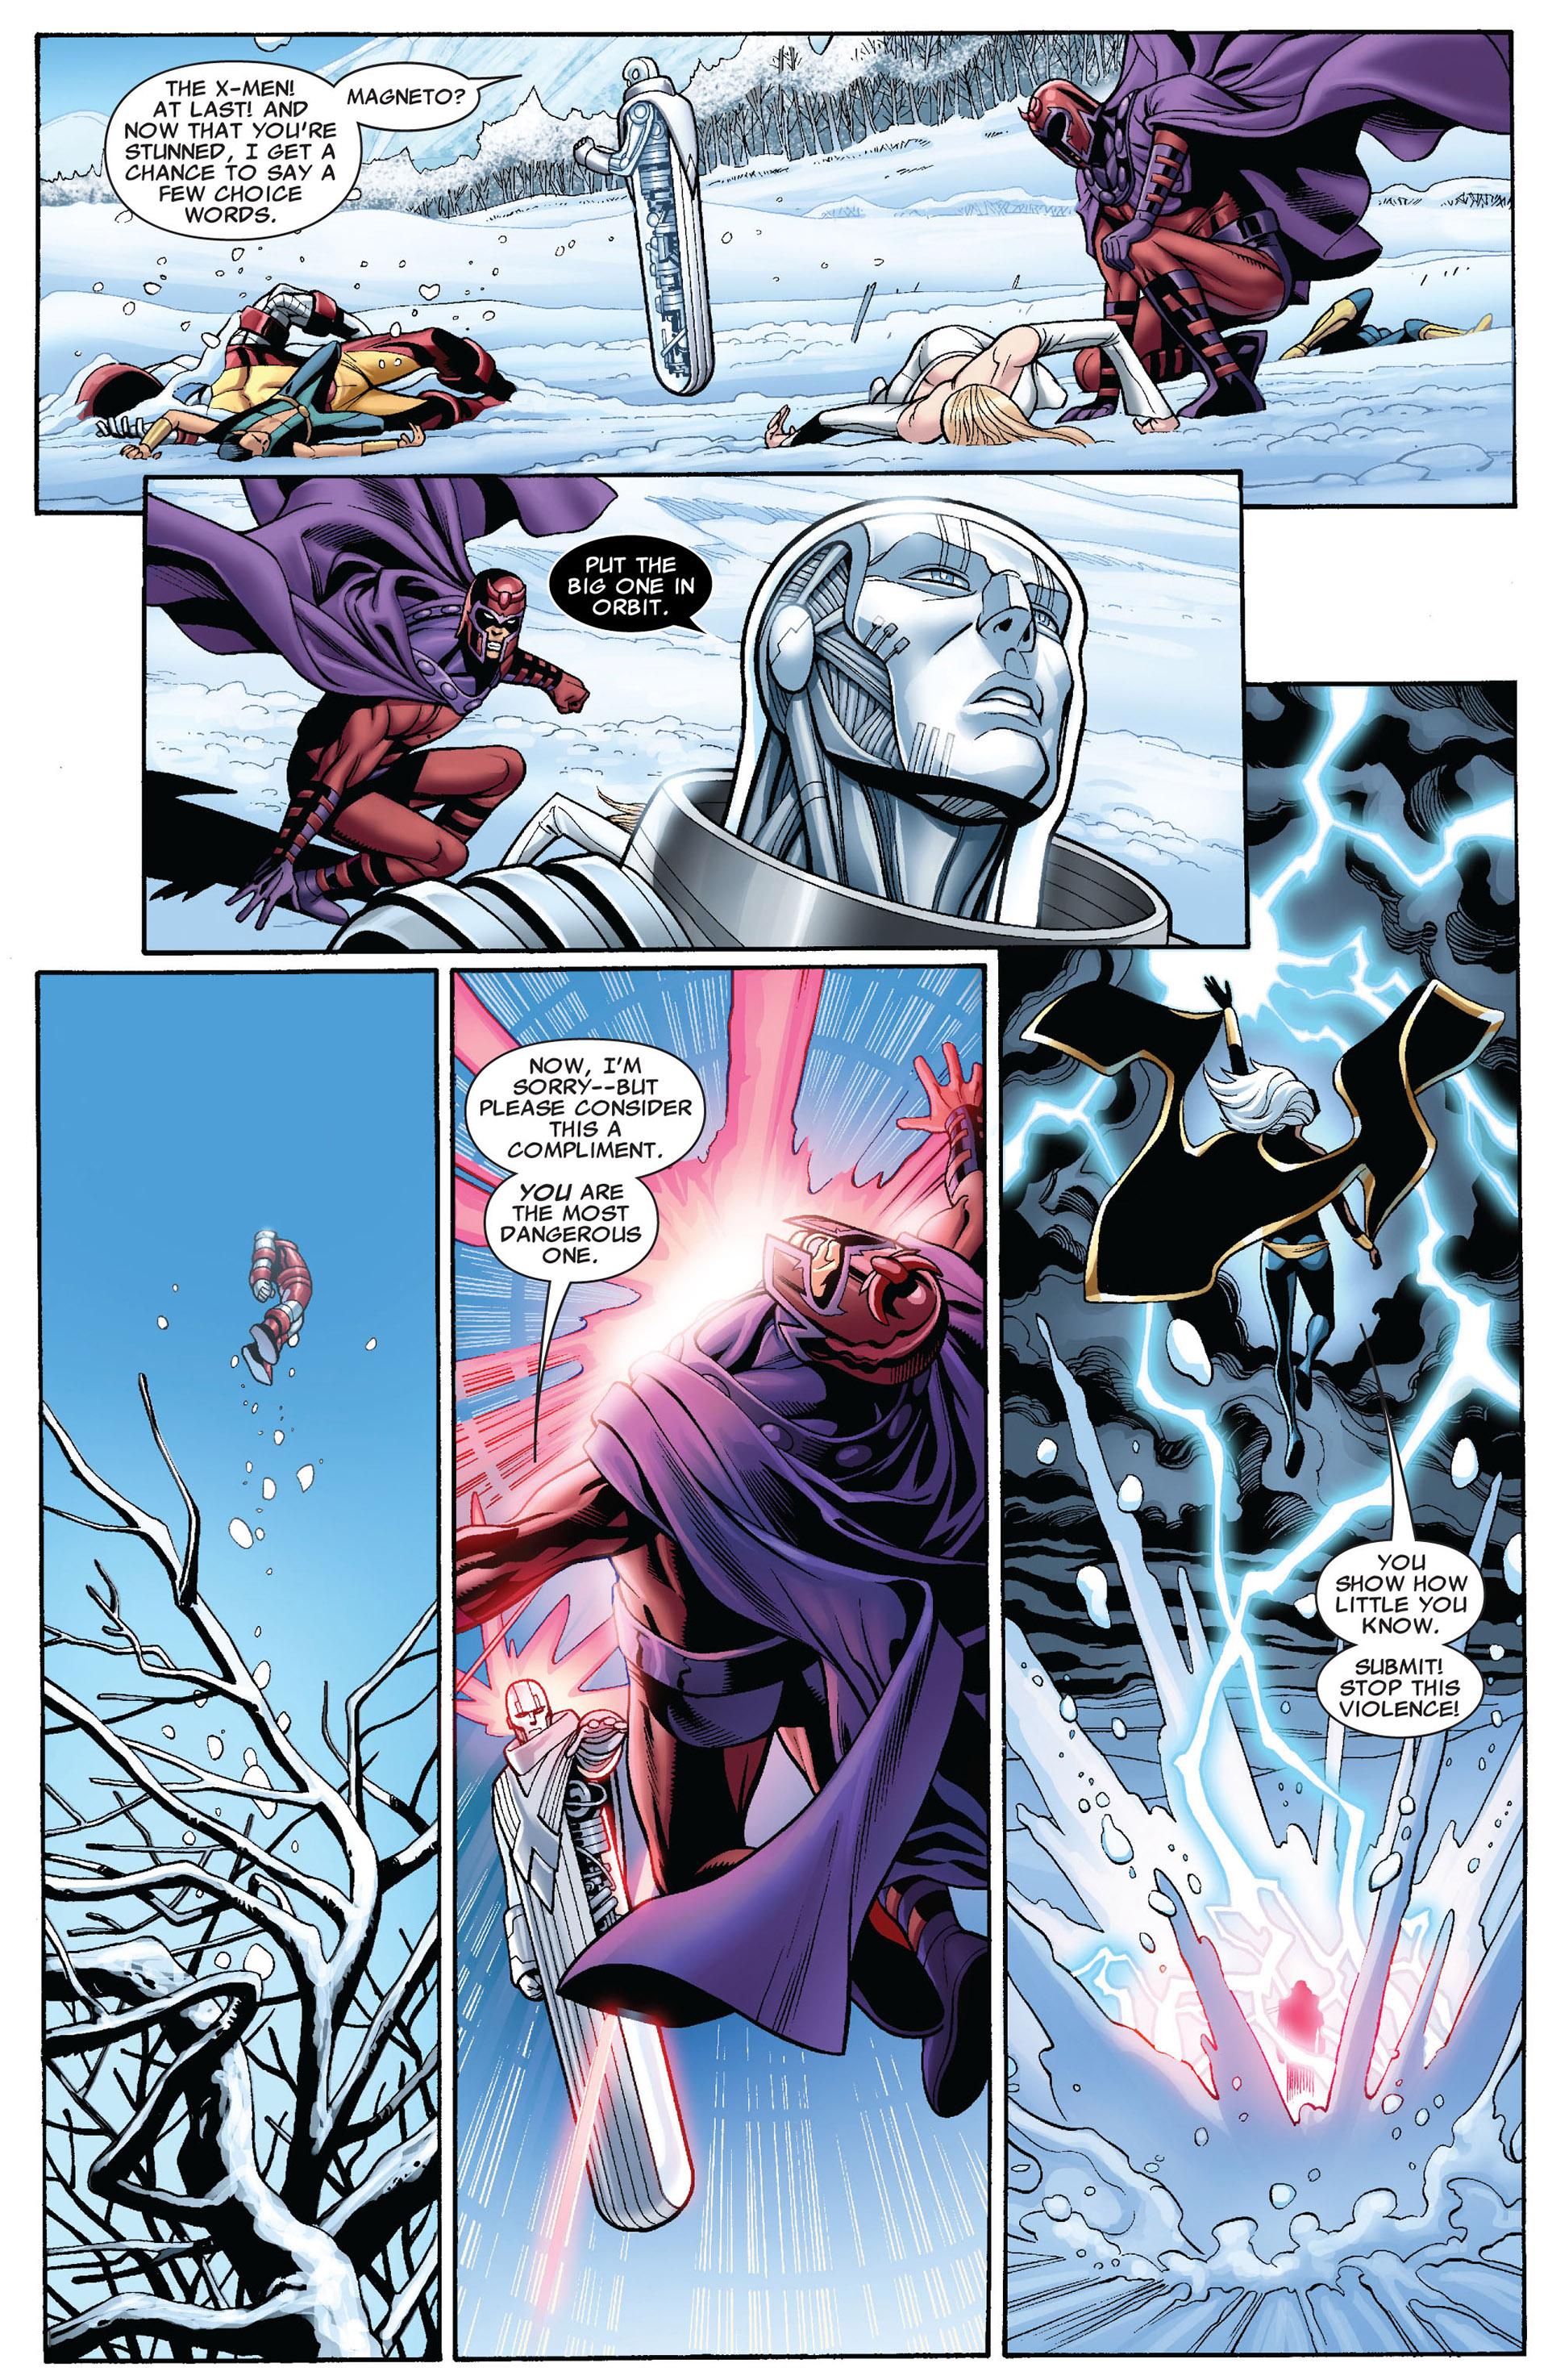 Read online Uncanny X-Men (2012) comic -  Issue #10 - 7